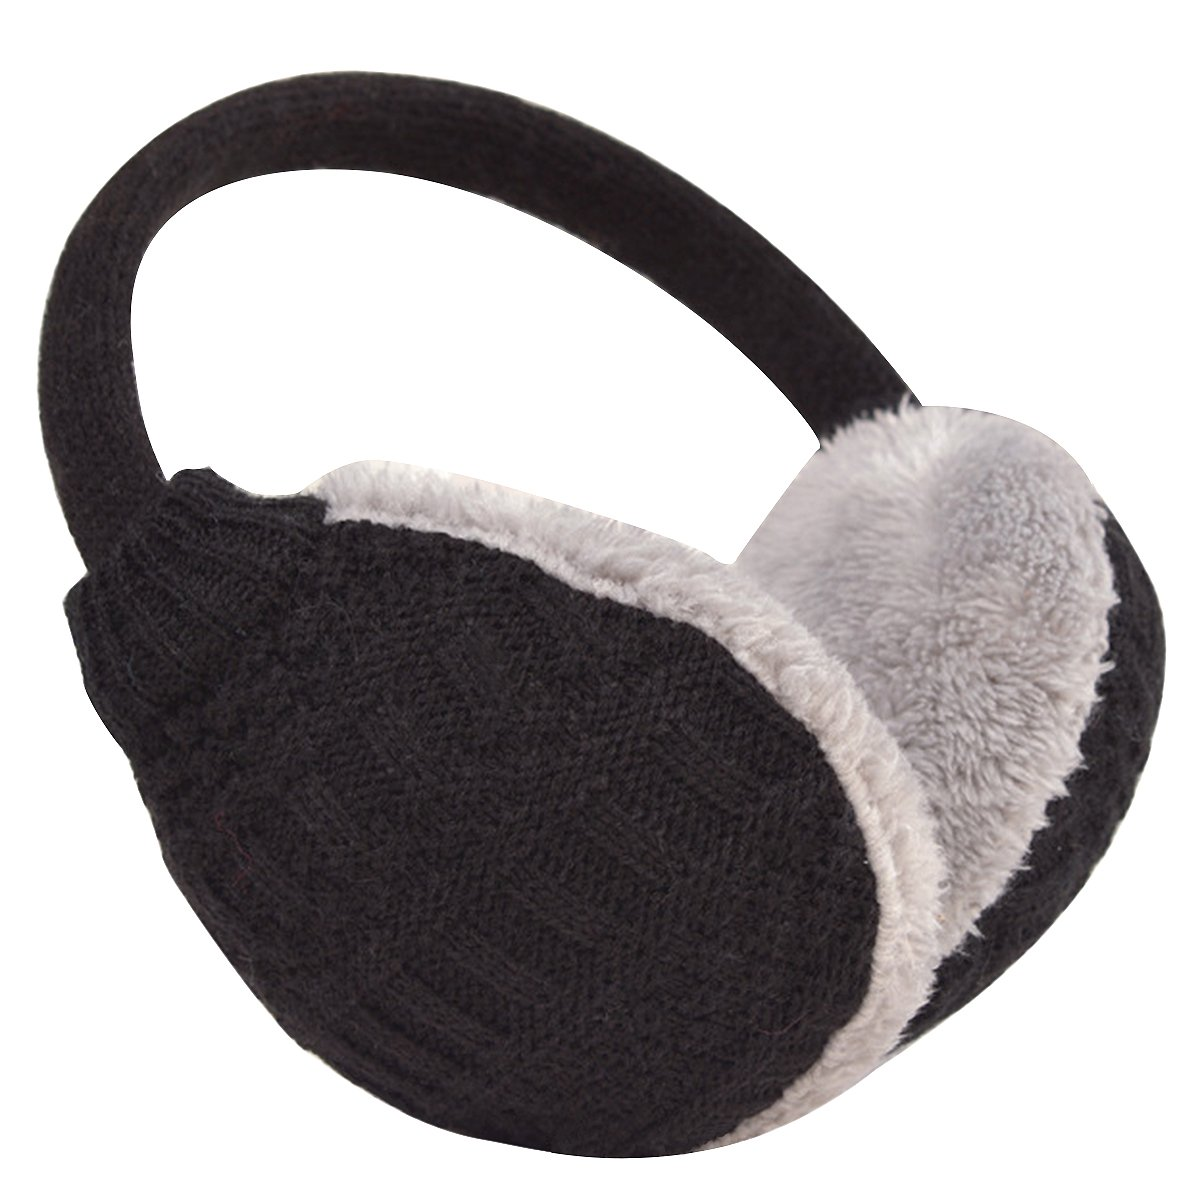 Butterme Unisex Knit pieghevole paraorecchie della peluche velluto Cuffie Accessori esterno di inverno dei paraorecchie per uomini e donne